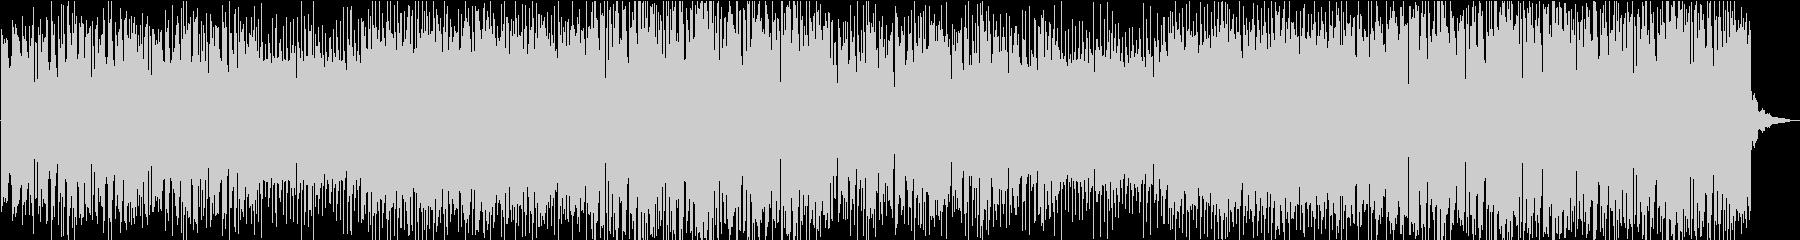 勢いのあるアップテンポなパンクロックの未再生の波形